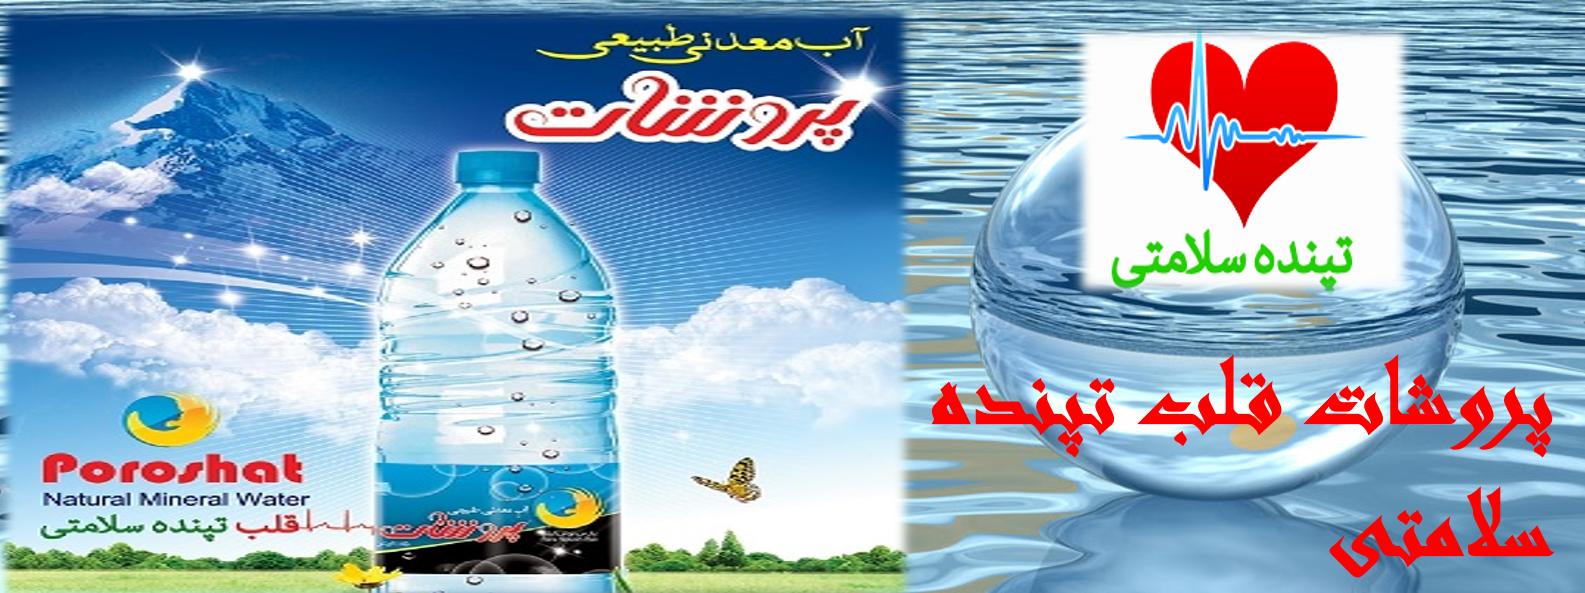 آب معدنی پروشات